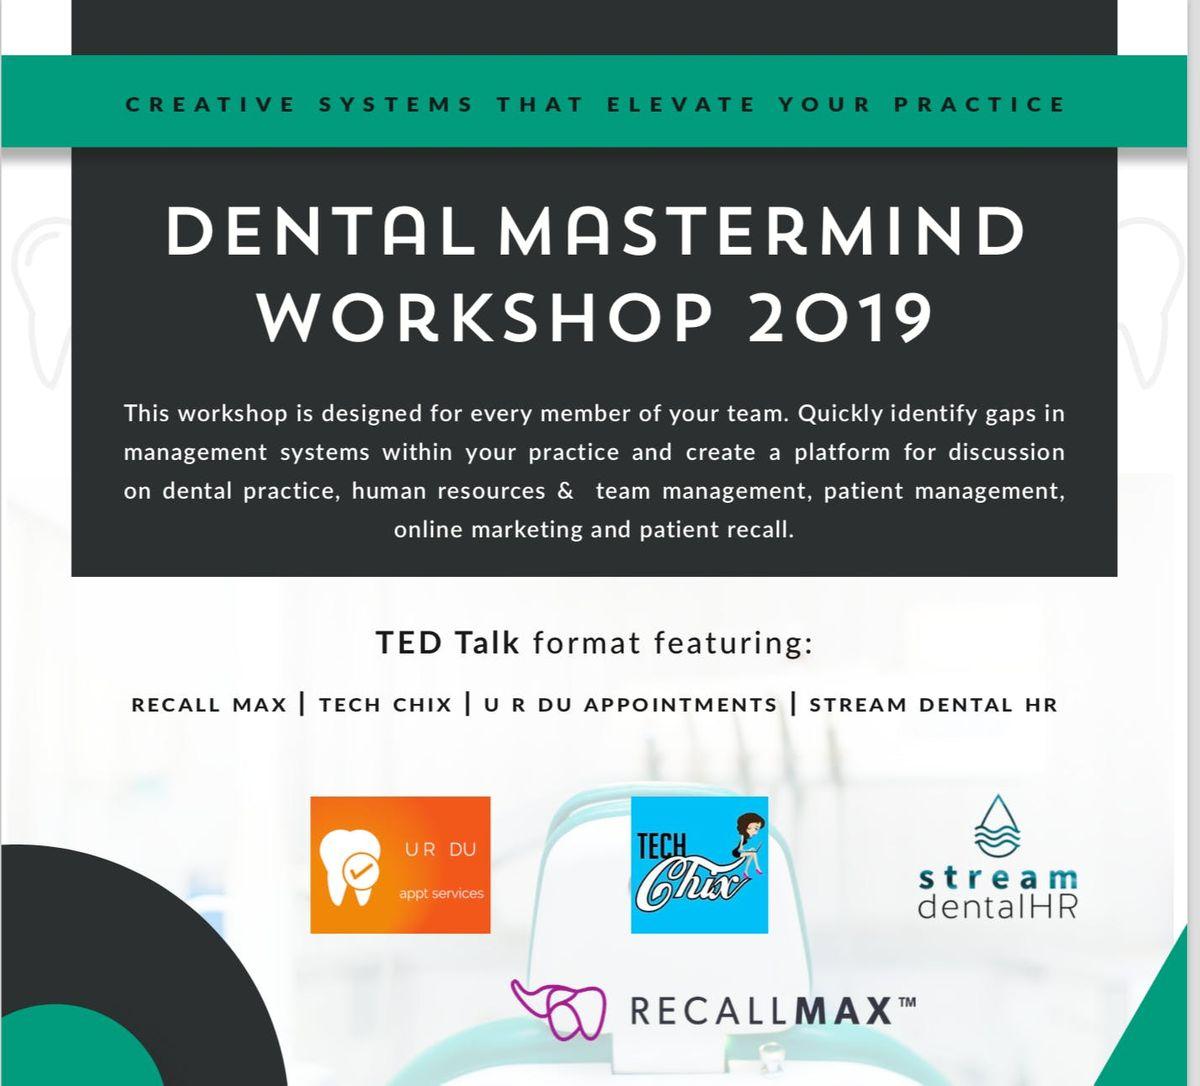 Dental Mastermind Workshop 2019